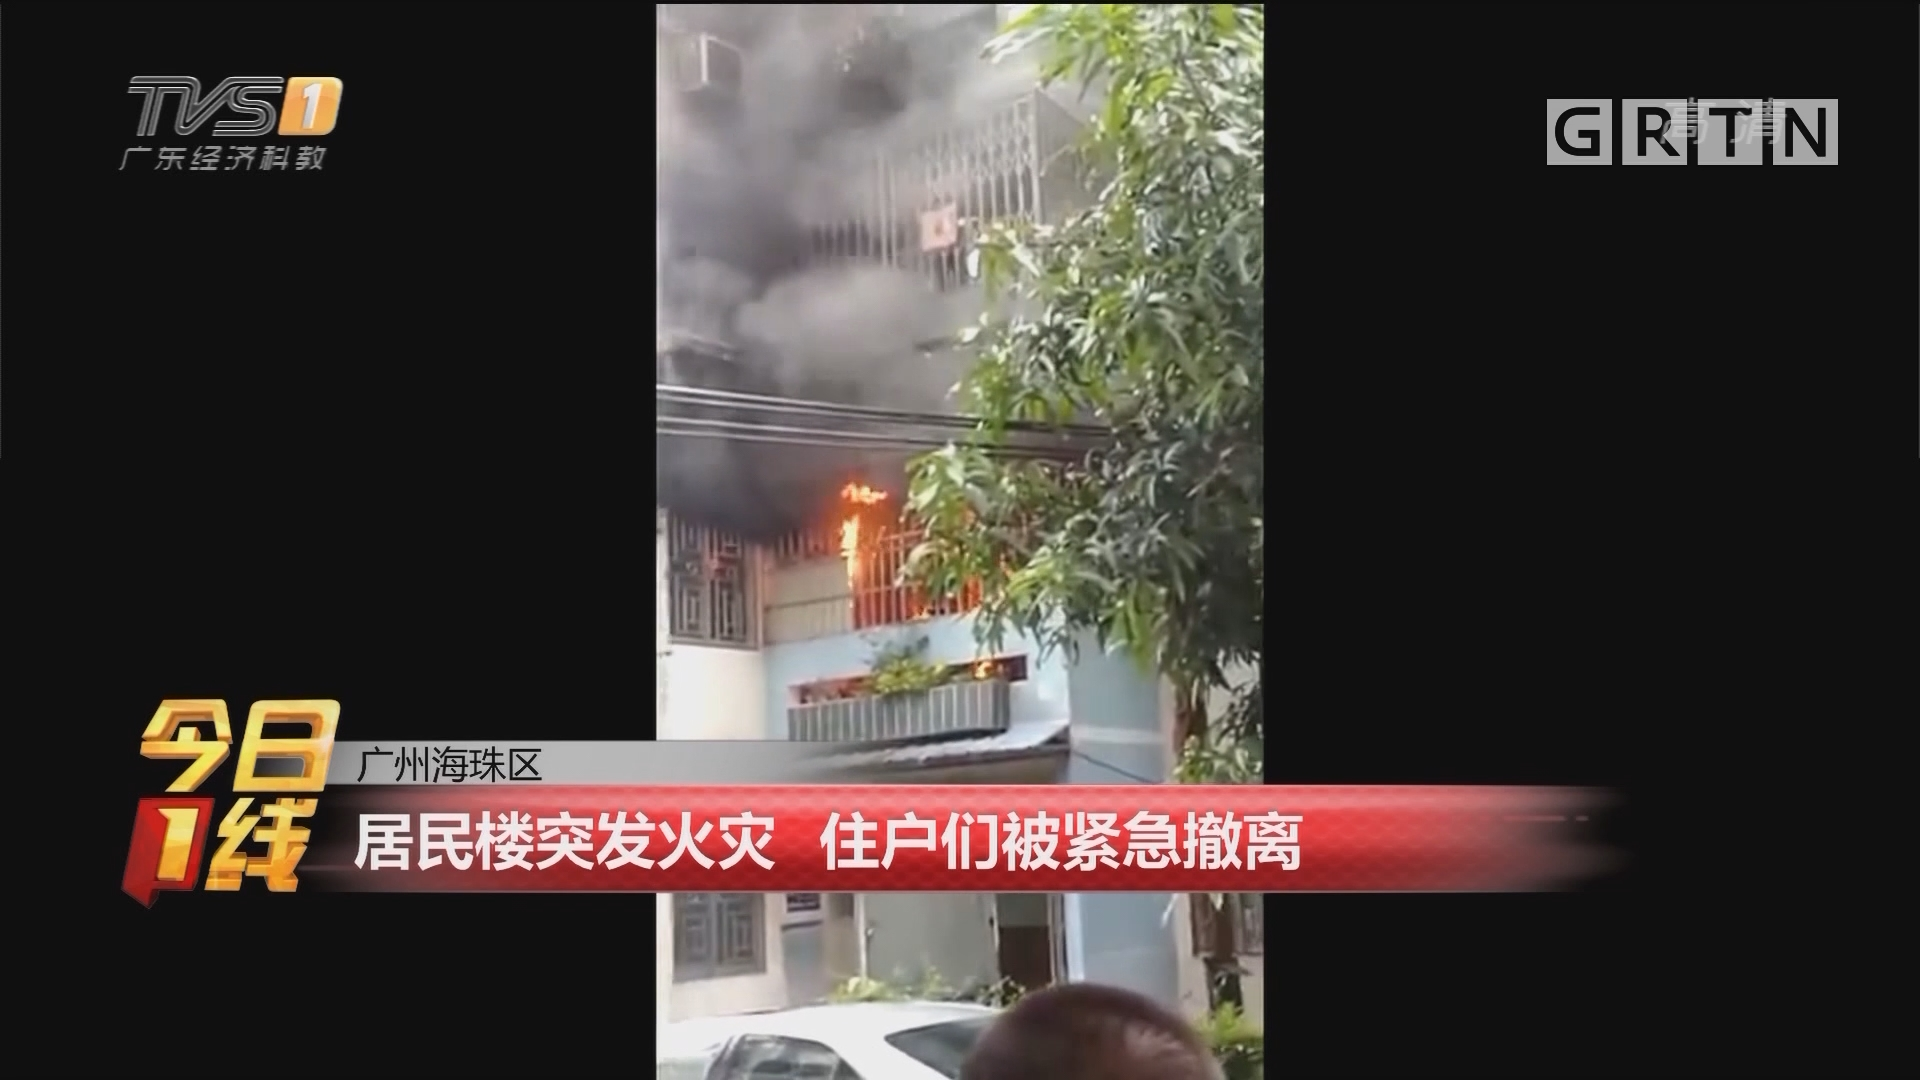 广州海珠区:居民楼突发火灾 住户们被紧急撤离